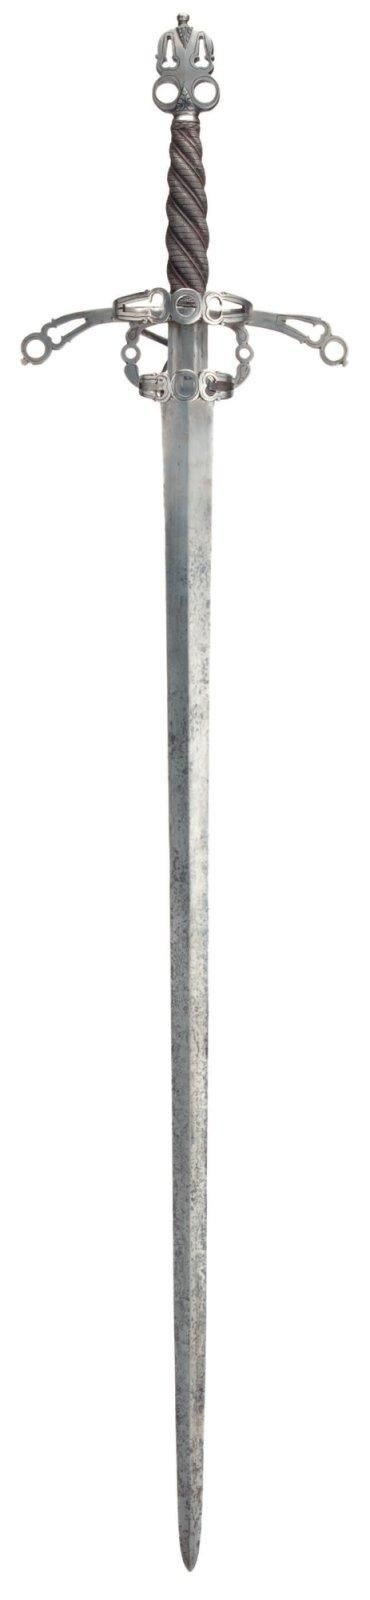 Épée du type à une main et demi, de style fin XVIe siècle. A Broadsword